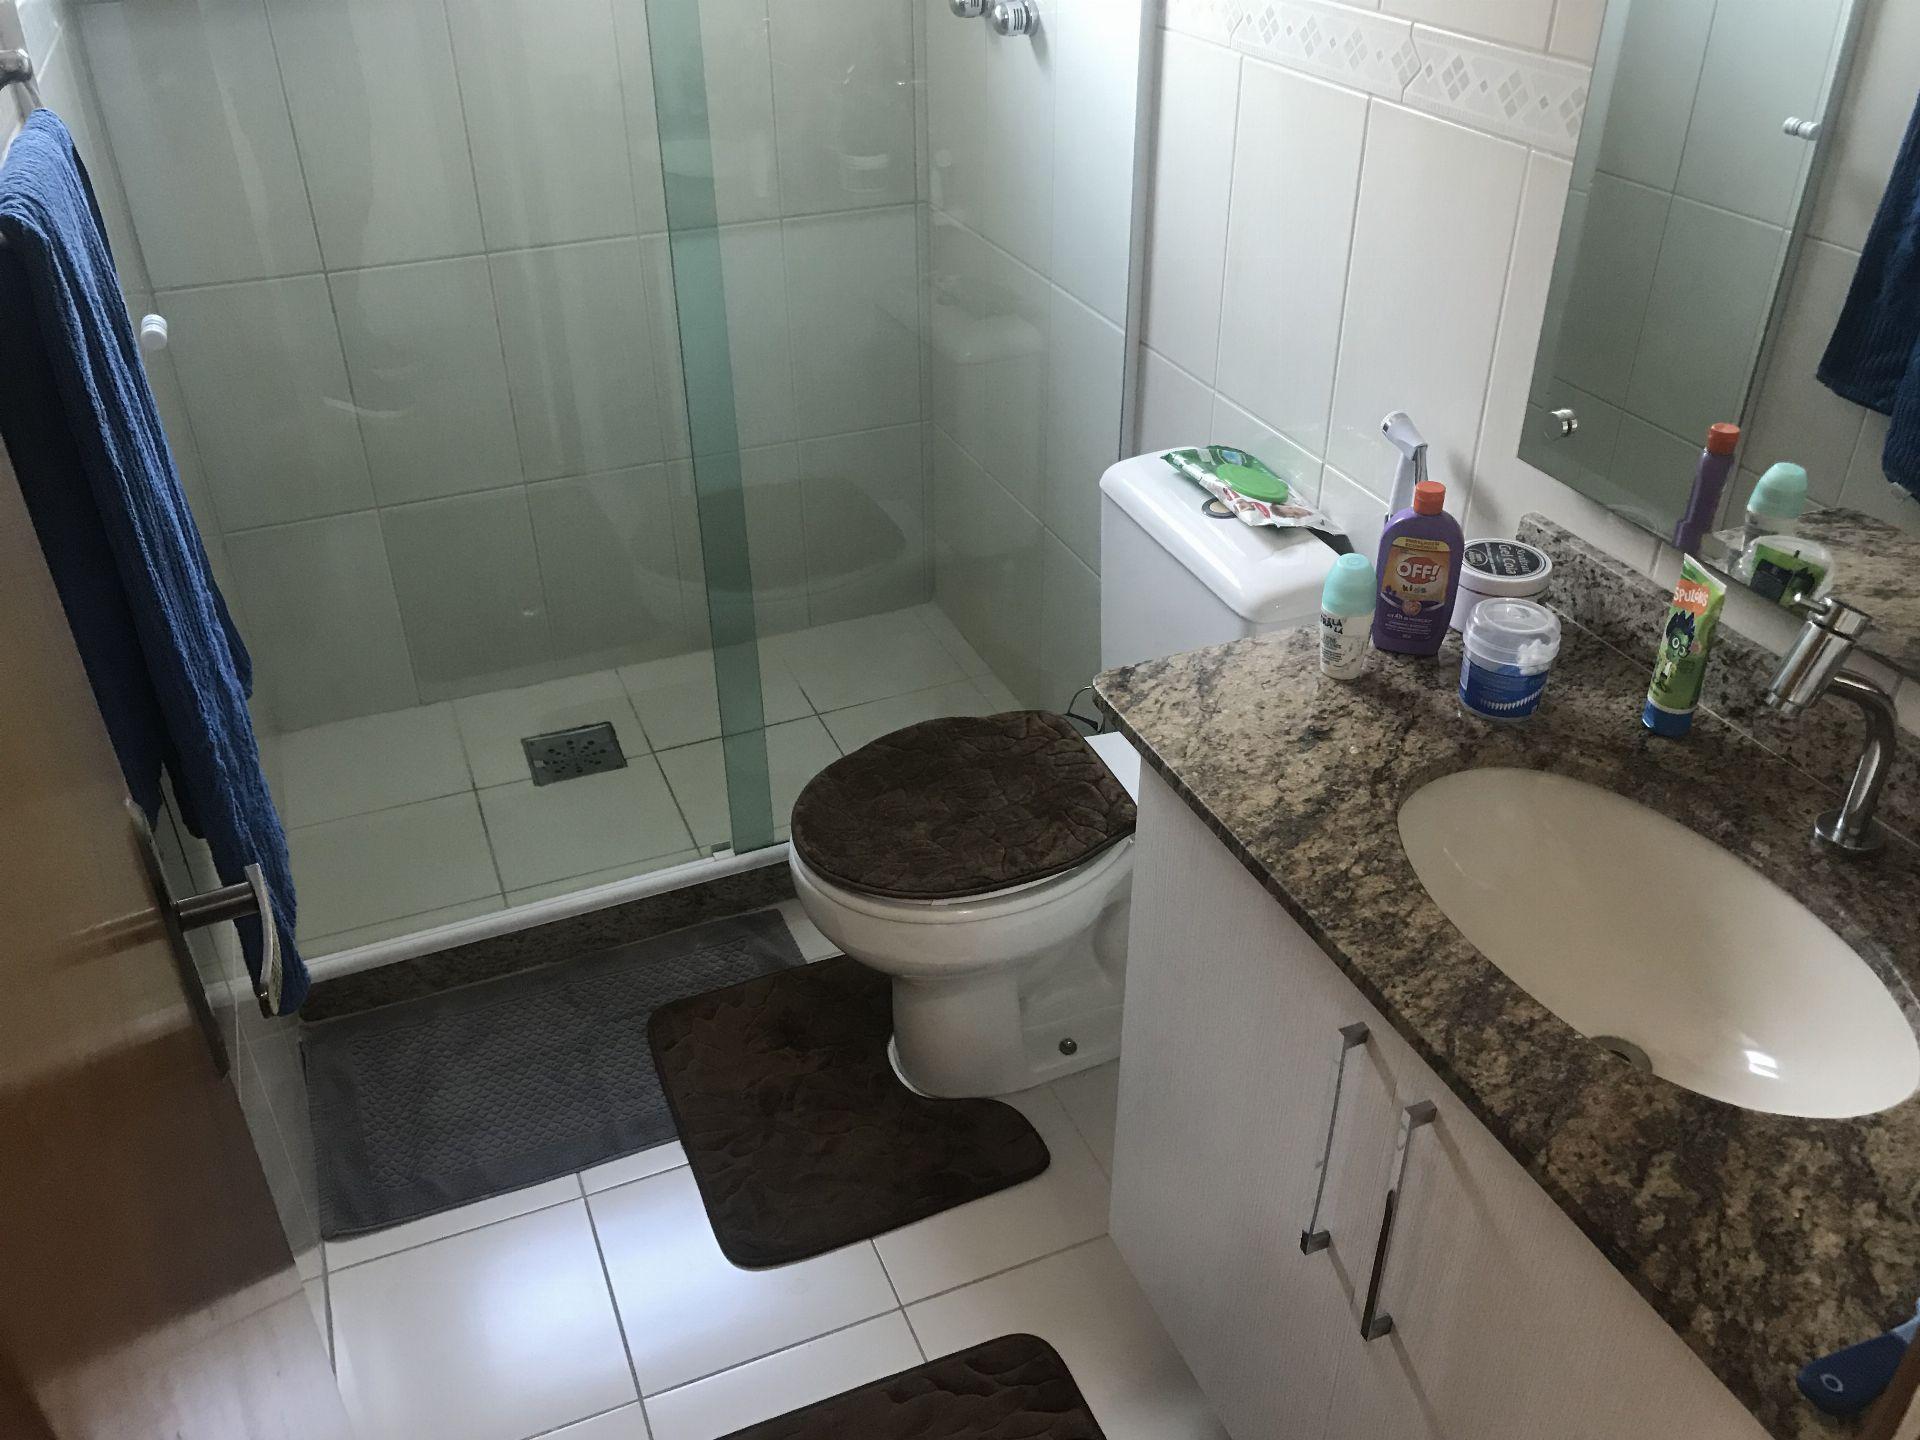 FOTO 18 - Apartamento à venda Rua Rosário Oeste,Vila Valqueire, Rio de Janeiro - R$ 990.000 - RF133 - 19